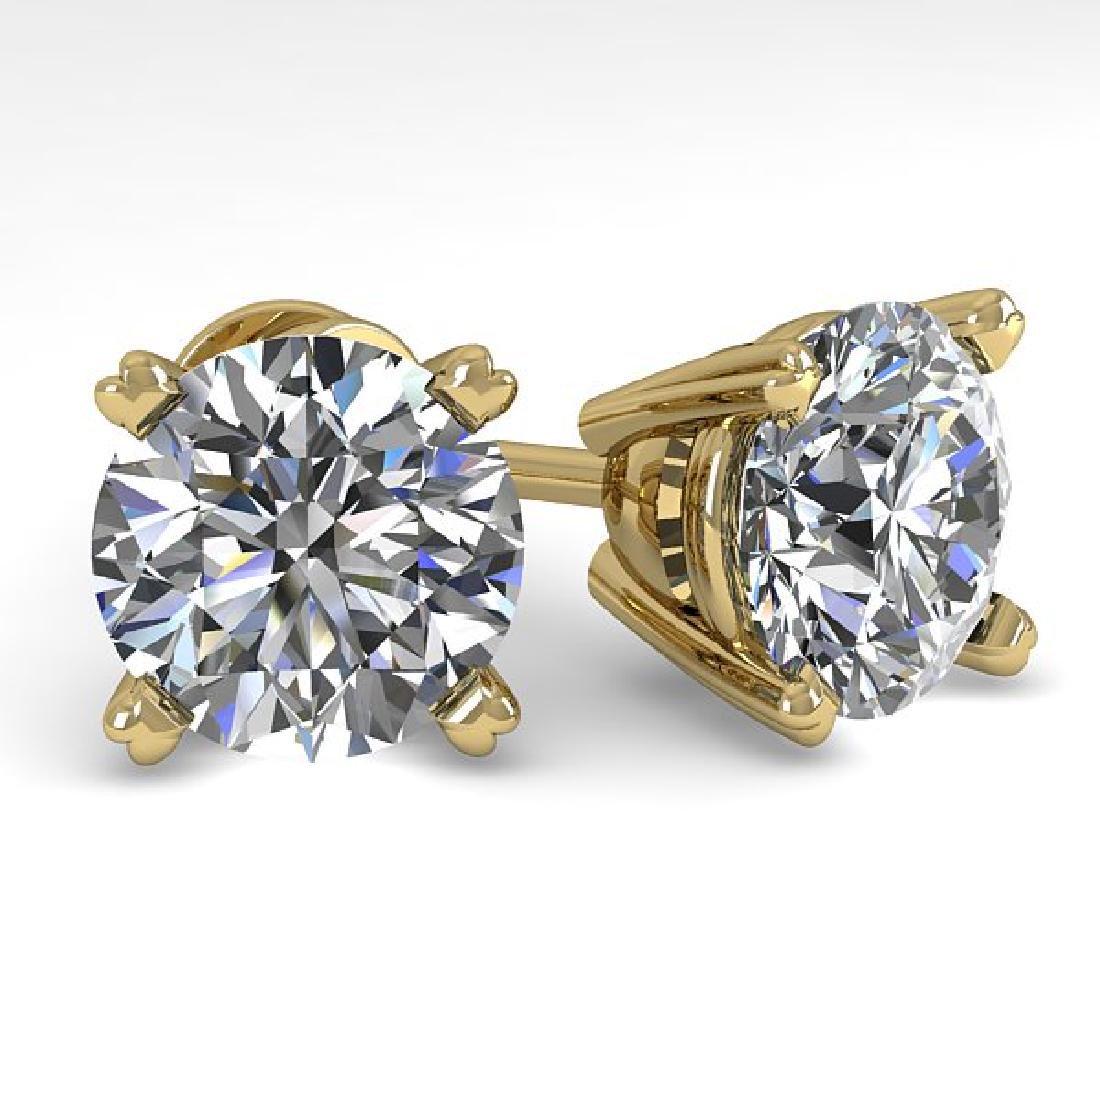 4 CTW Certified VS/SI Diamond Stud Earrings 14K Yellow